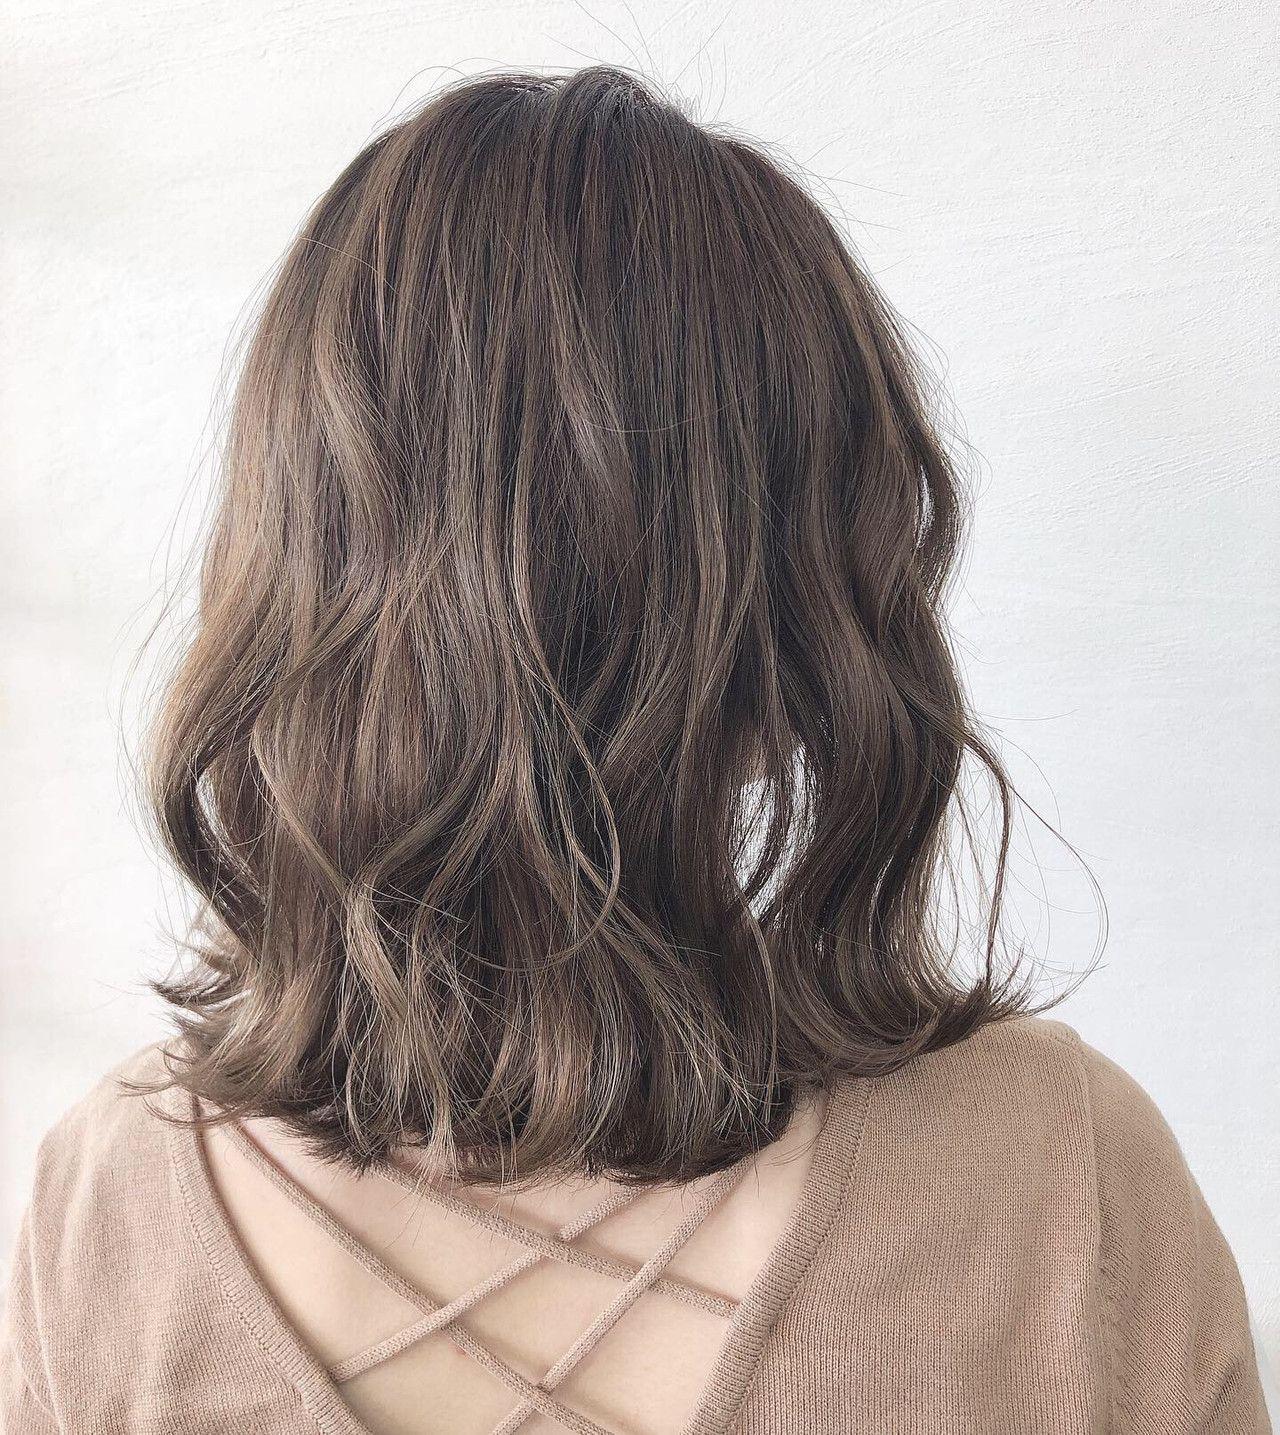 オリーブベージュ オリーブアッシュ ナチュラル オリーブカラー Chillin Room Akane Ueda 477975 Hair 髪色 ベージュ 短い髪のためのヘアスタイル 髪 カラー